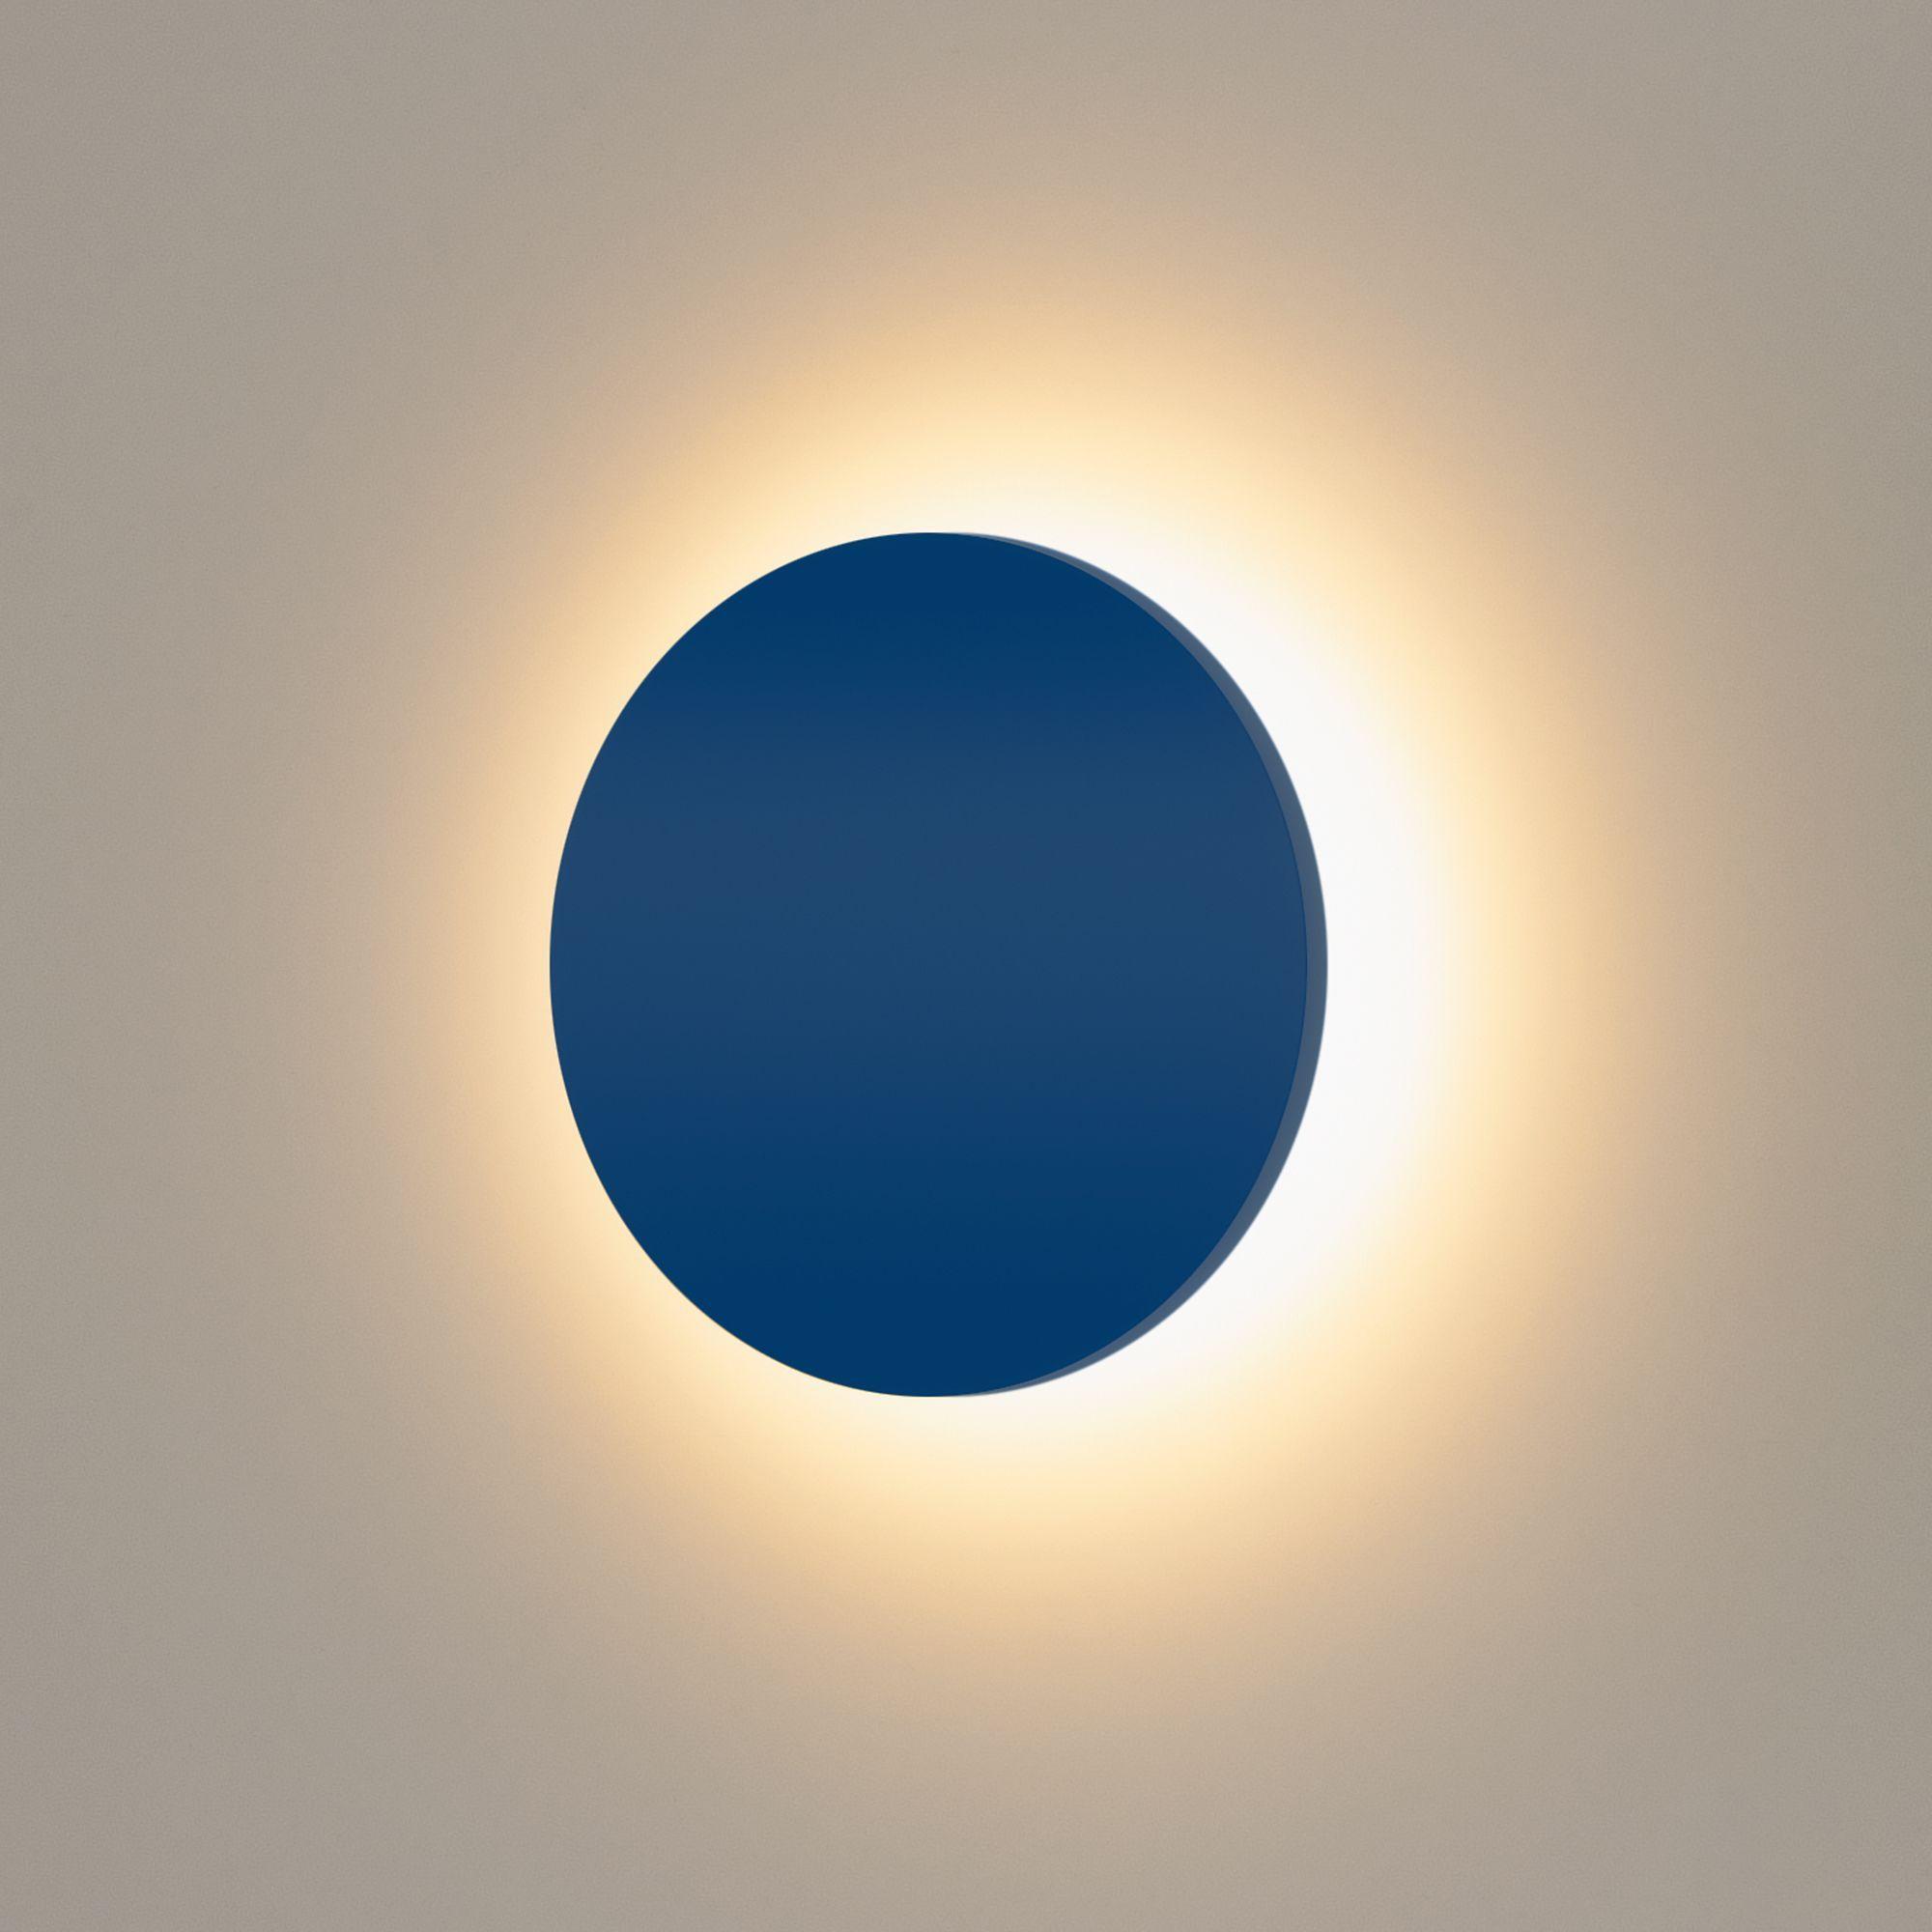 Пылевлагозащи<wbr>щенный светодиодный светильник Concept S синий IP54 1660 Techno LED синий